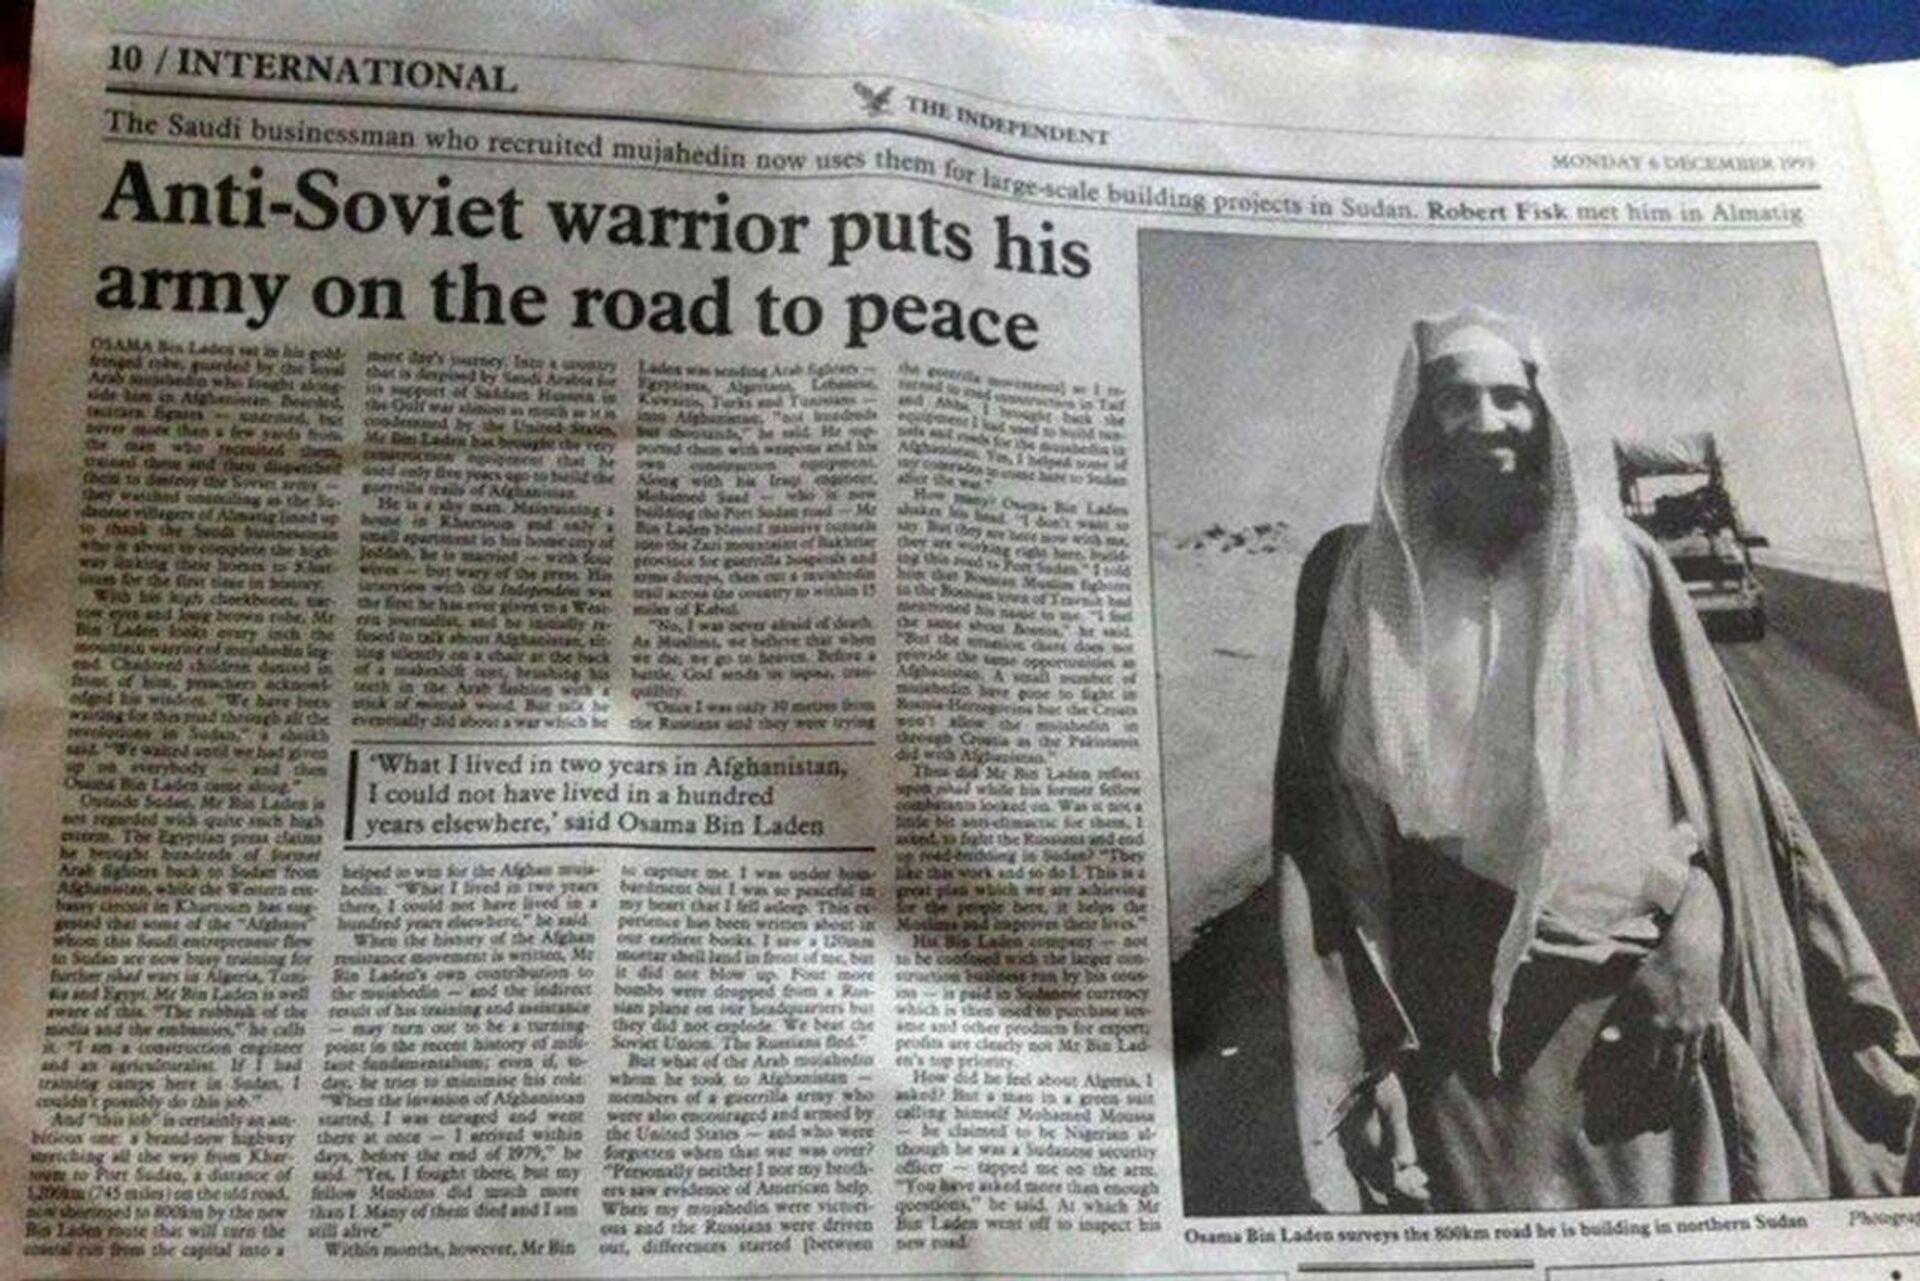 """Tờ báo Anh """"The Independent"""" năm 1986 còn đăng ảnh Bin Laden kèm theo một bài bình luận nhan đề """"Anti Soviet warrior puts his army on the road to peace"""" (Chiến binh chống Liên Xô đưa quân đội của mình lên đường đến hòa bình). - Sputnik Việt Nam, 1920, 05.10.2021"""